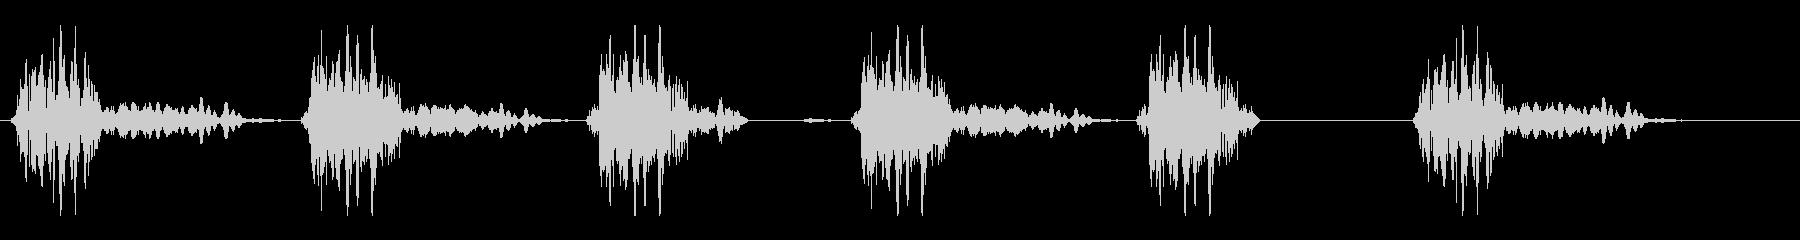 楽器でリズムを刻んでいる音の未再生の波形